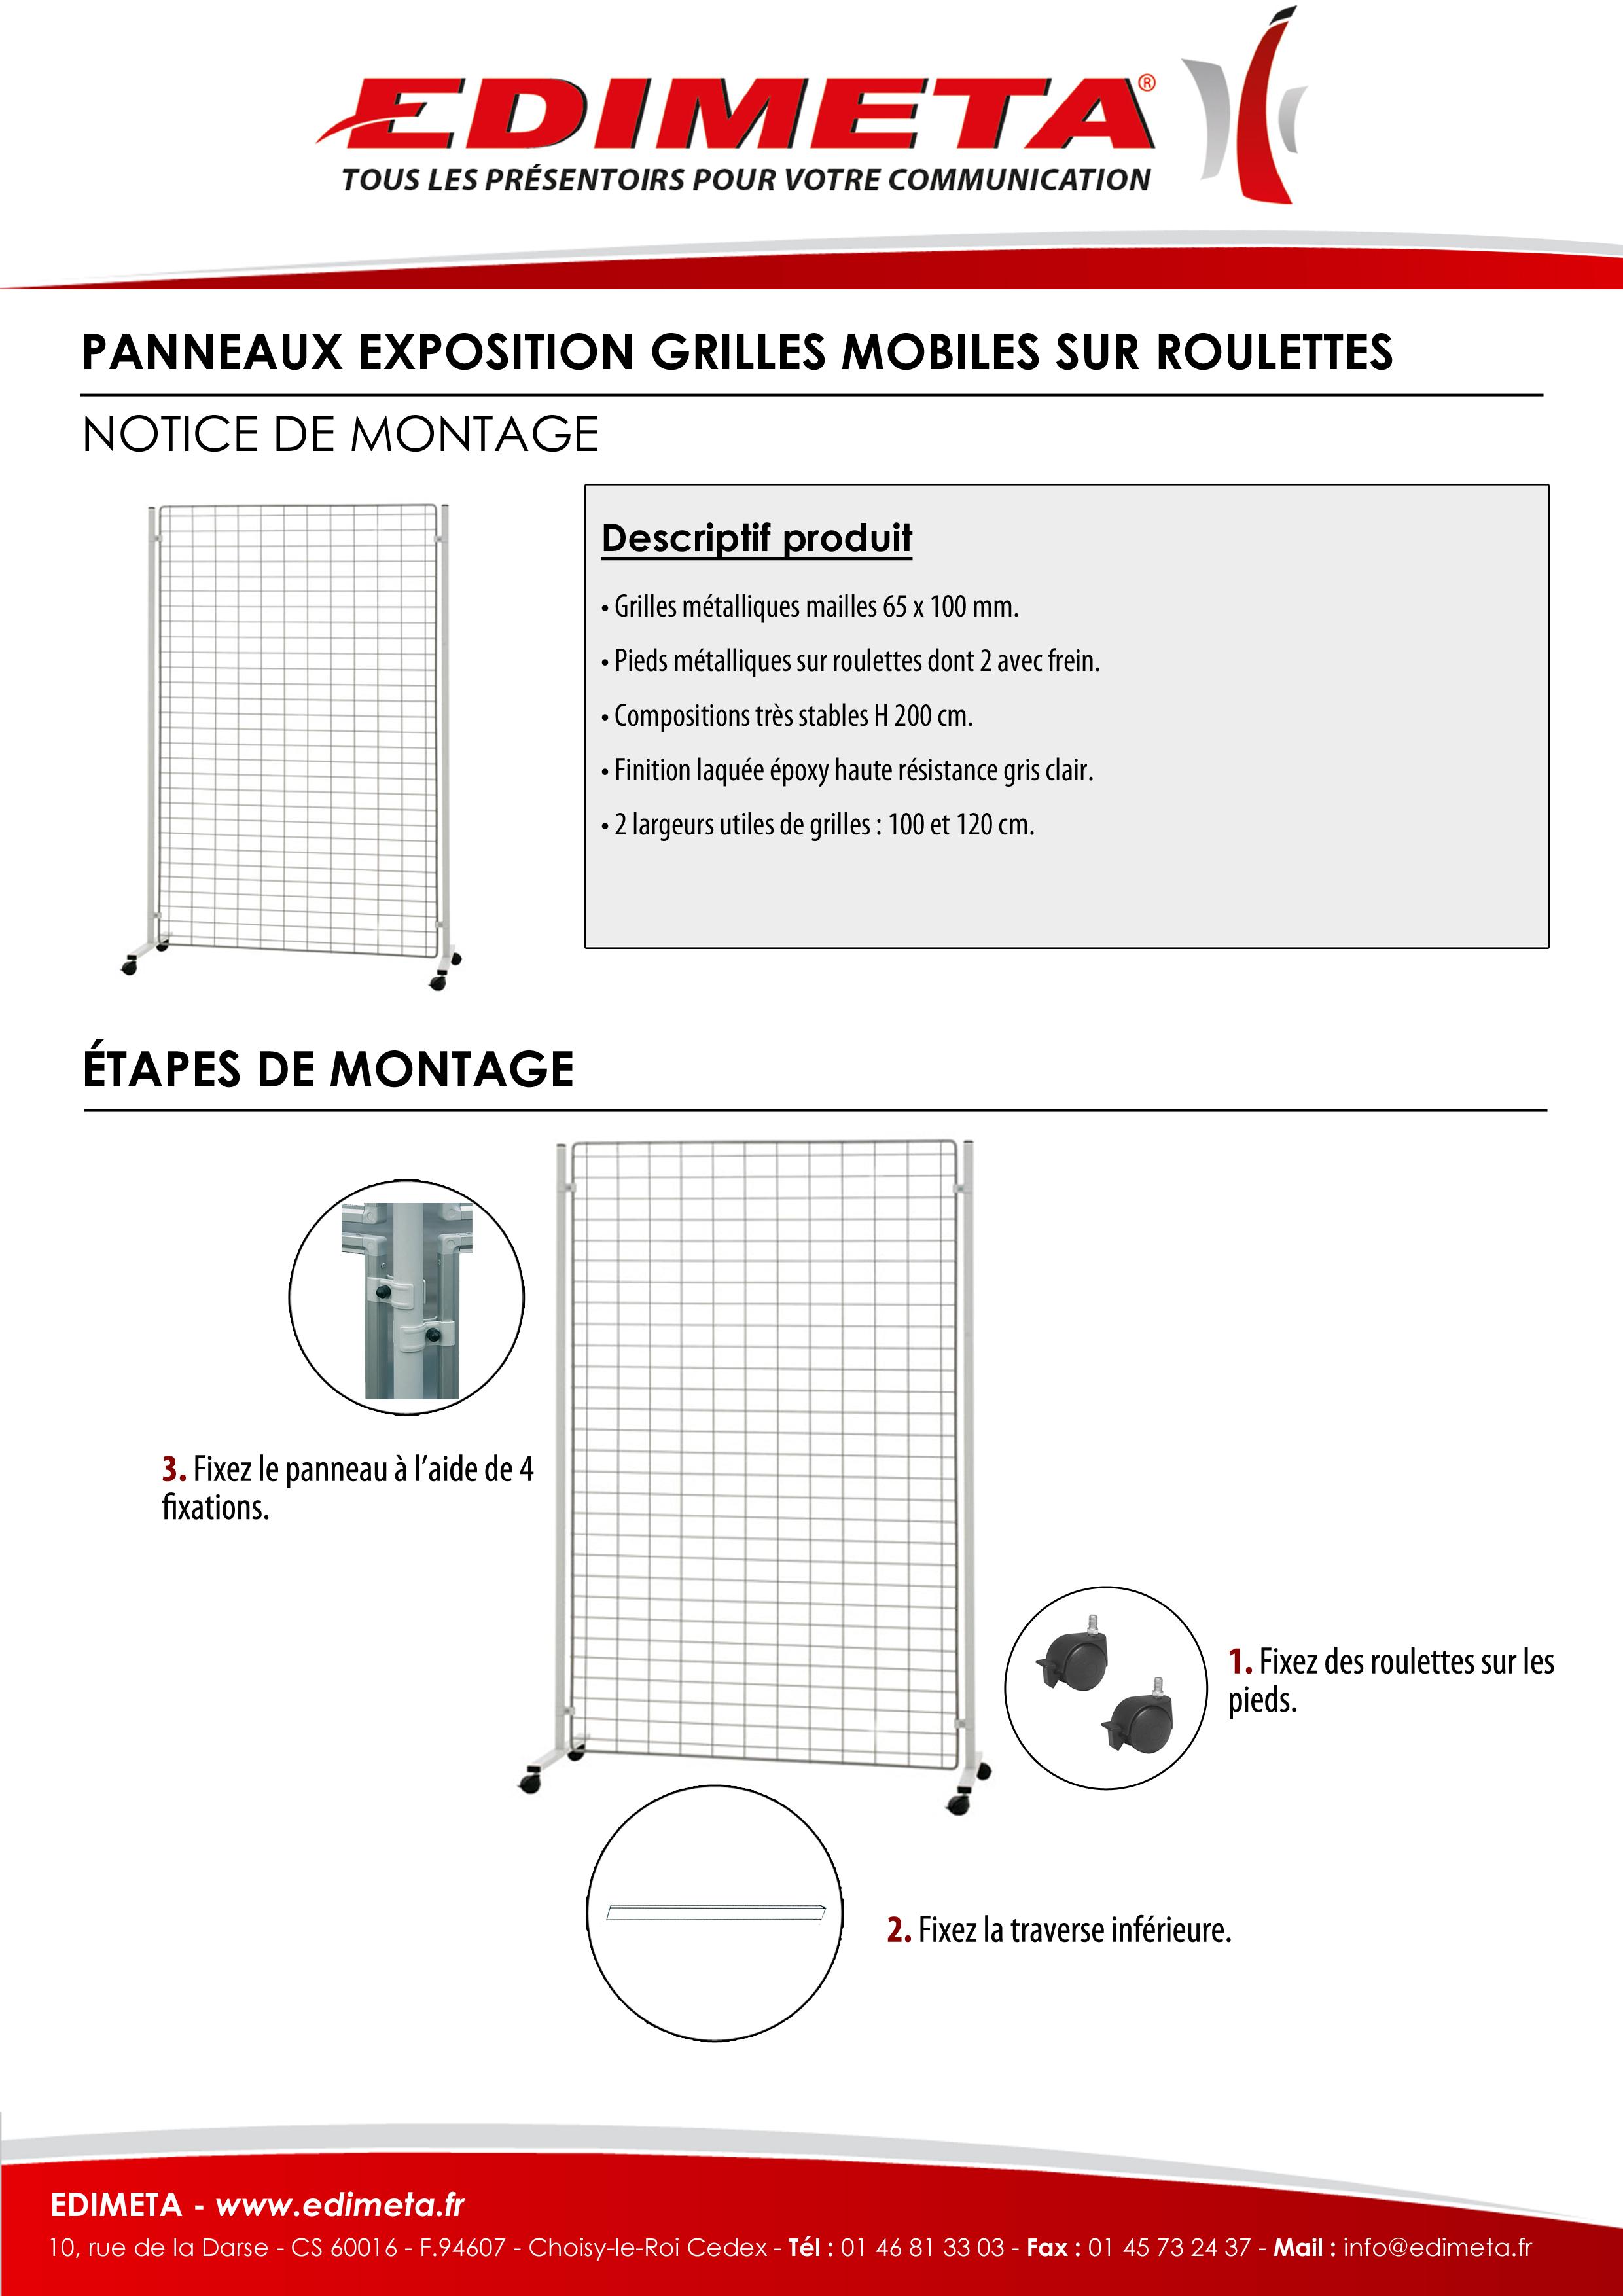 NOTICE DE MONTAGE : PANNEAUX EXPOSITION GRILLES MOBILES SUR ROULETTES